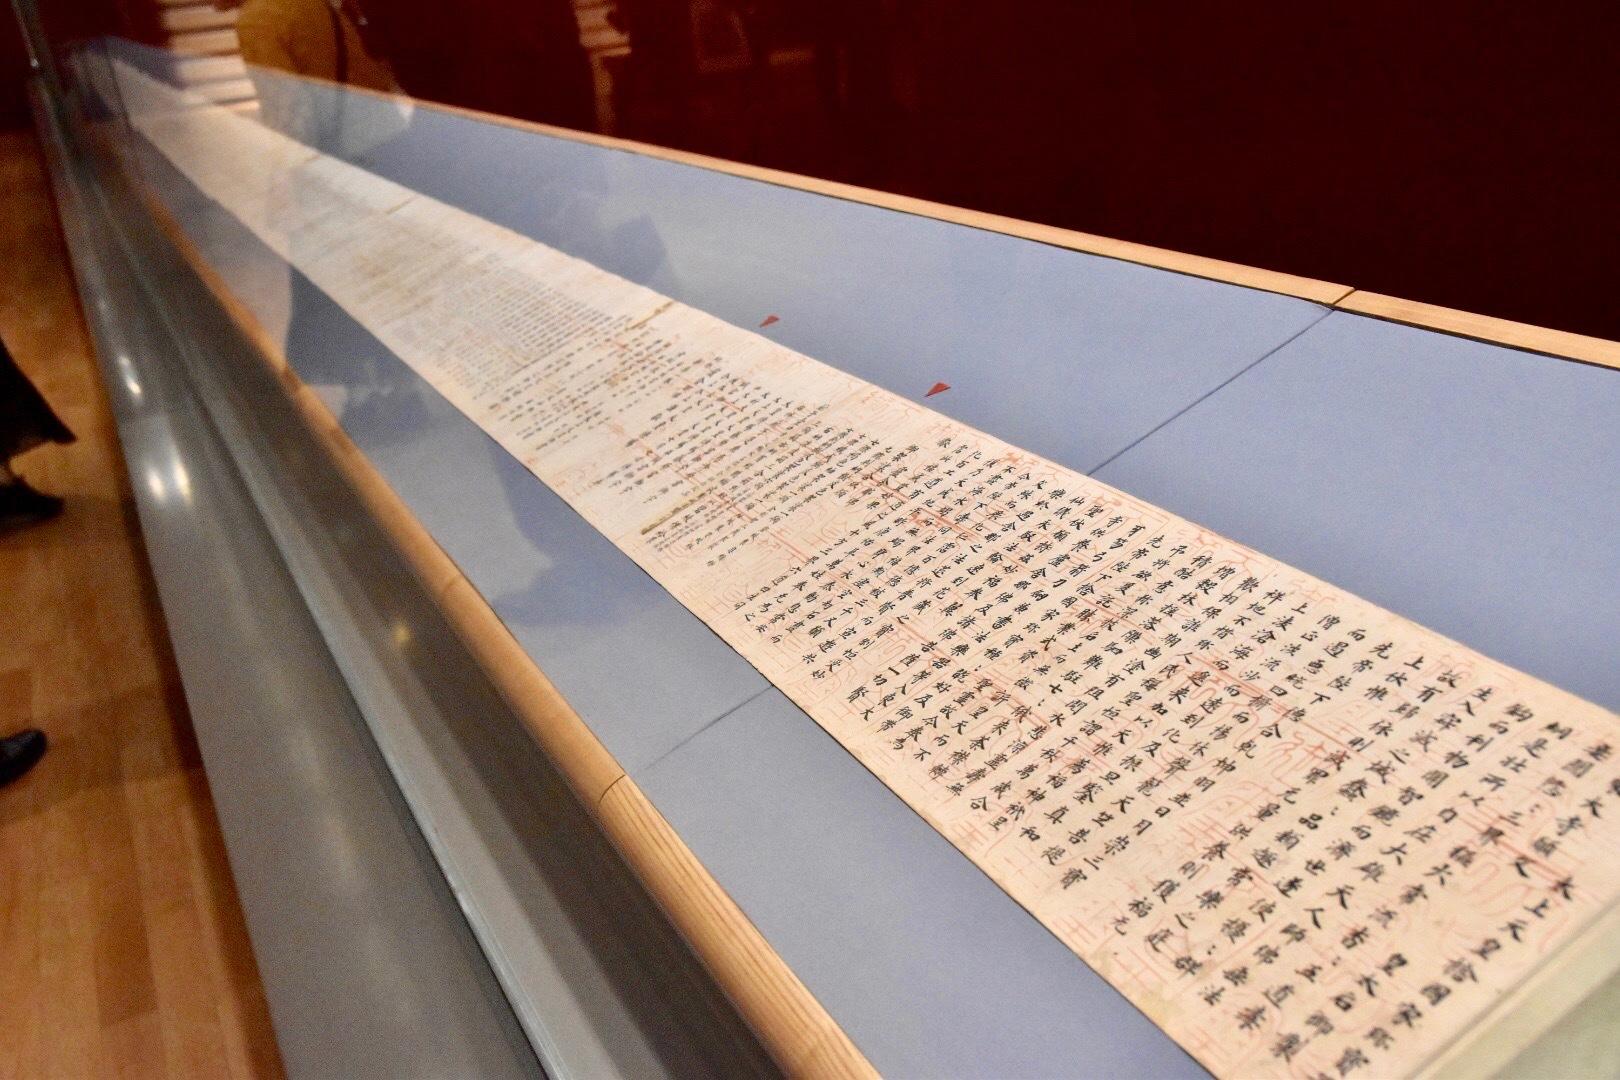 巻頭には光明皇后のお祈りの言葉が綴られ、「太上天皇(聖武天皇)のために、国家の貴重な宝を捧げて東大寺に奉納する」との旨が記載されている。 正倉院宝物《東大寺献物帳(国家珍宝帳)》 奈良時代 天平勝宝八歳(756年) 正倉院蔵 前期展示